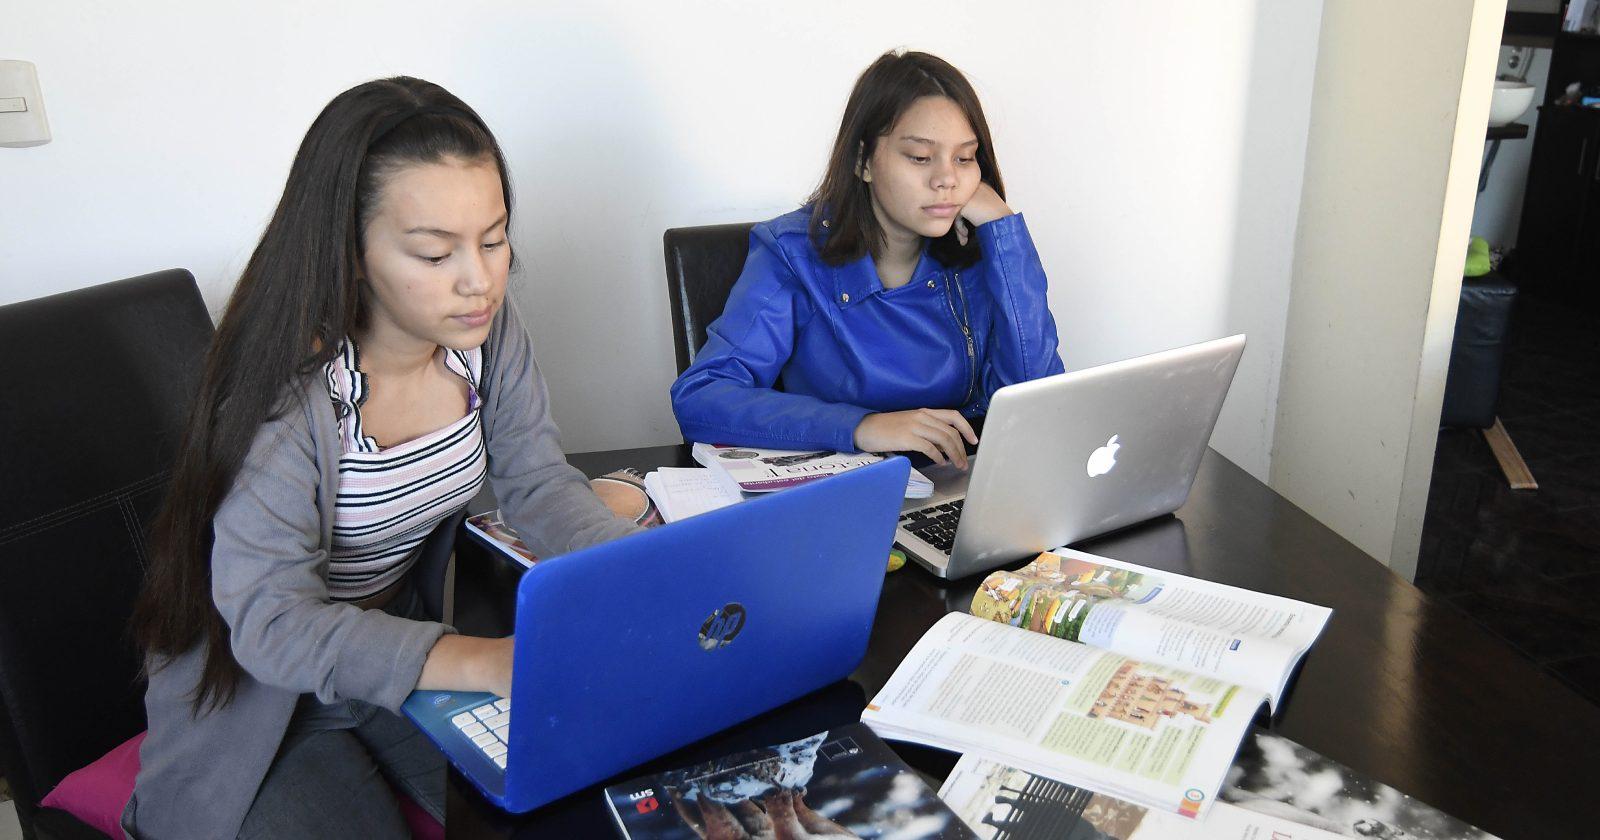 El impacto de la suspensión de las clases presenciales en el aprendizaje del inglés